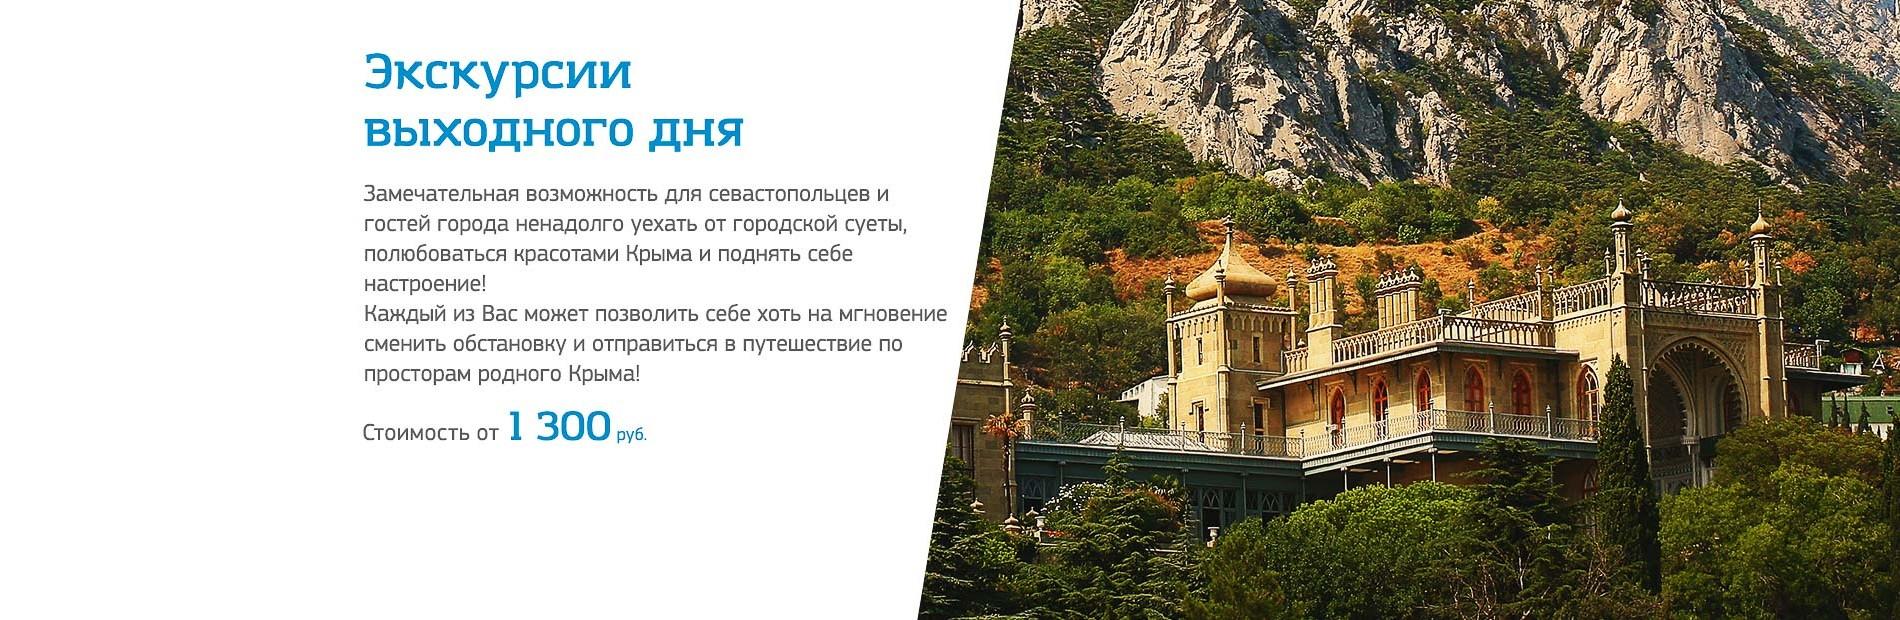 Экскурсии выходного дня в Крыму